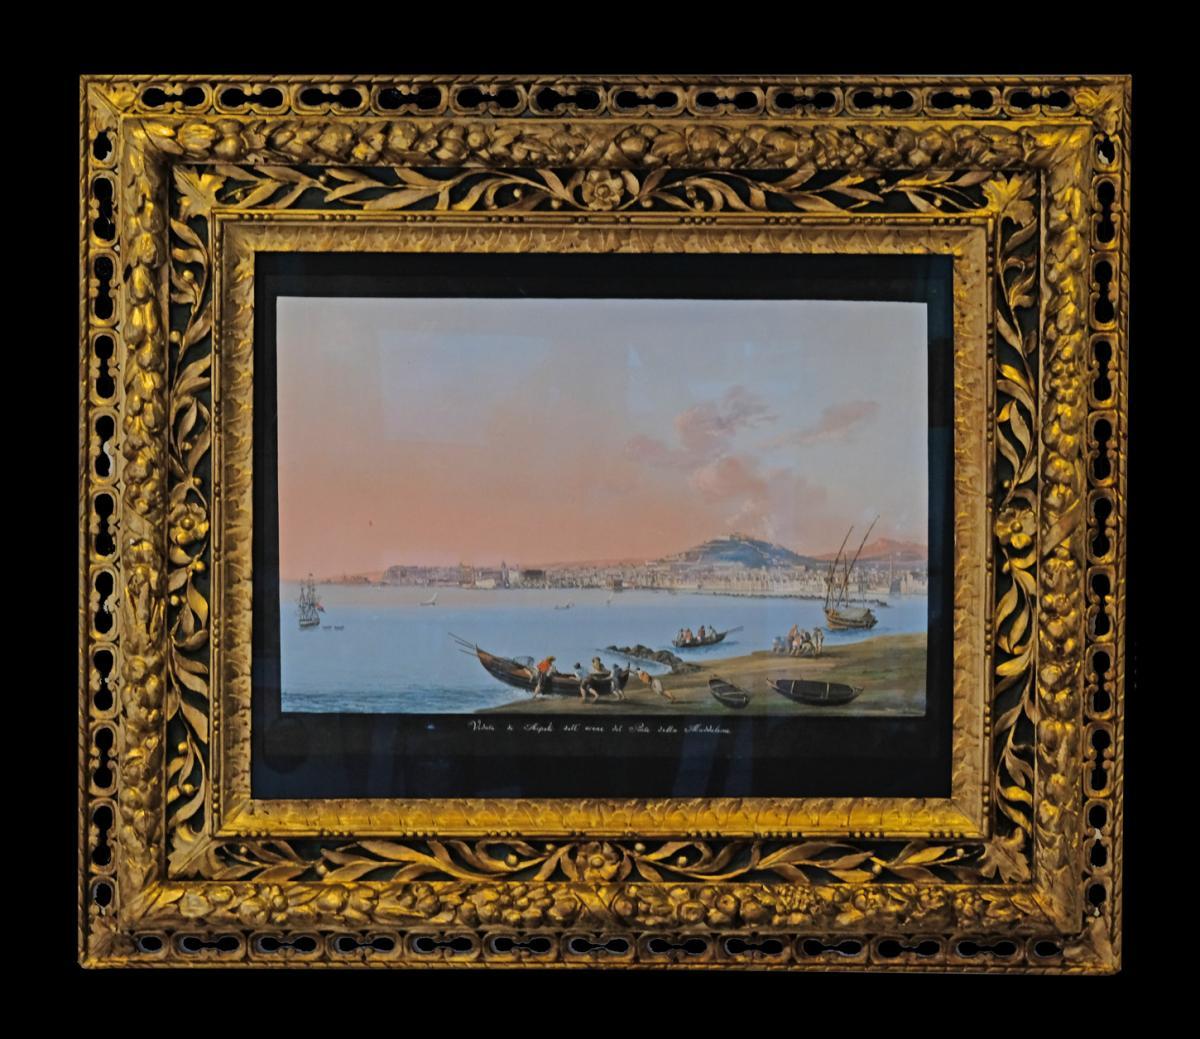 Vue de Naples, gouache sur papier, XIXe